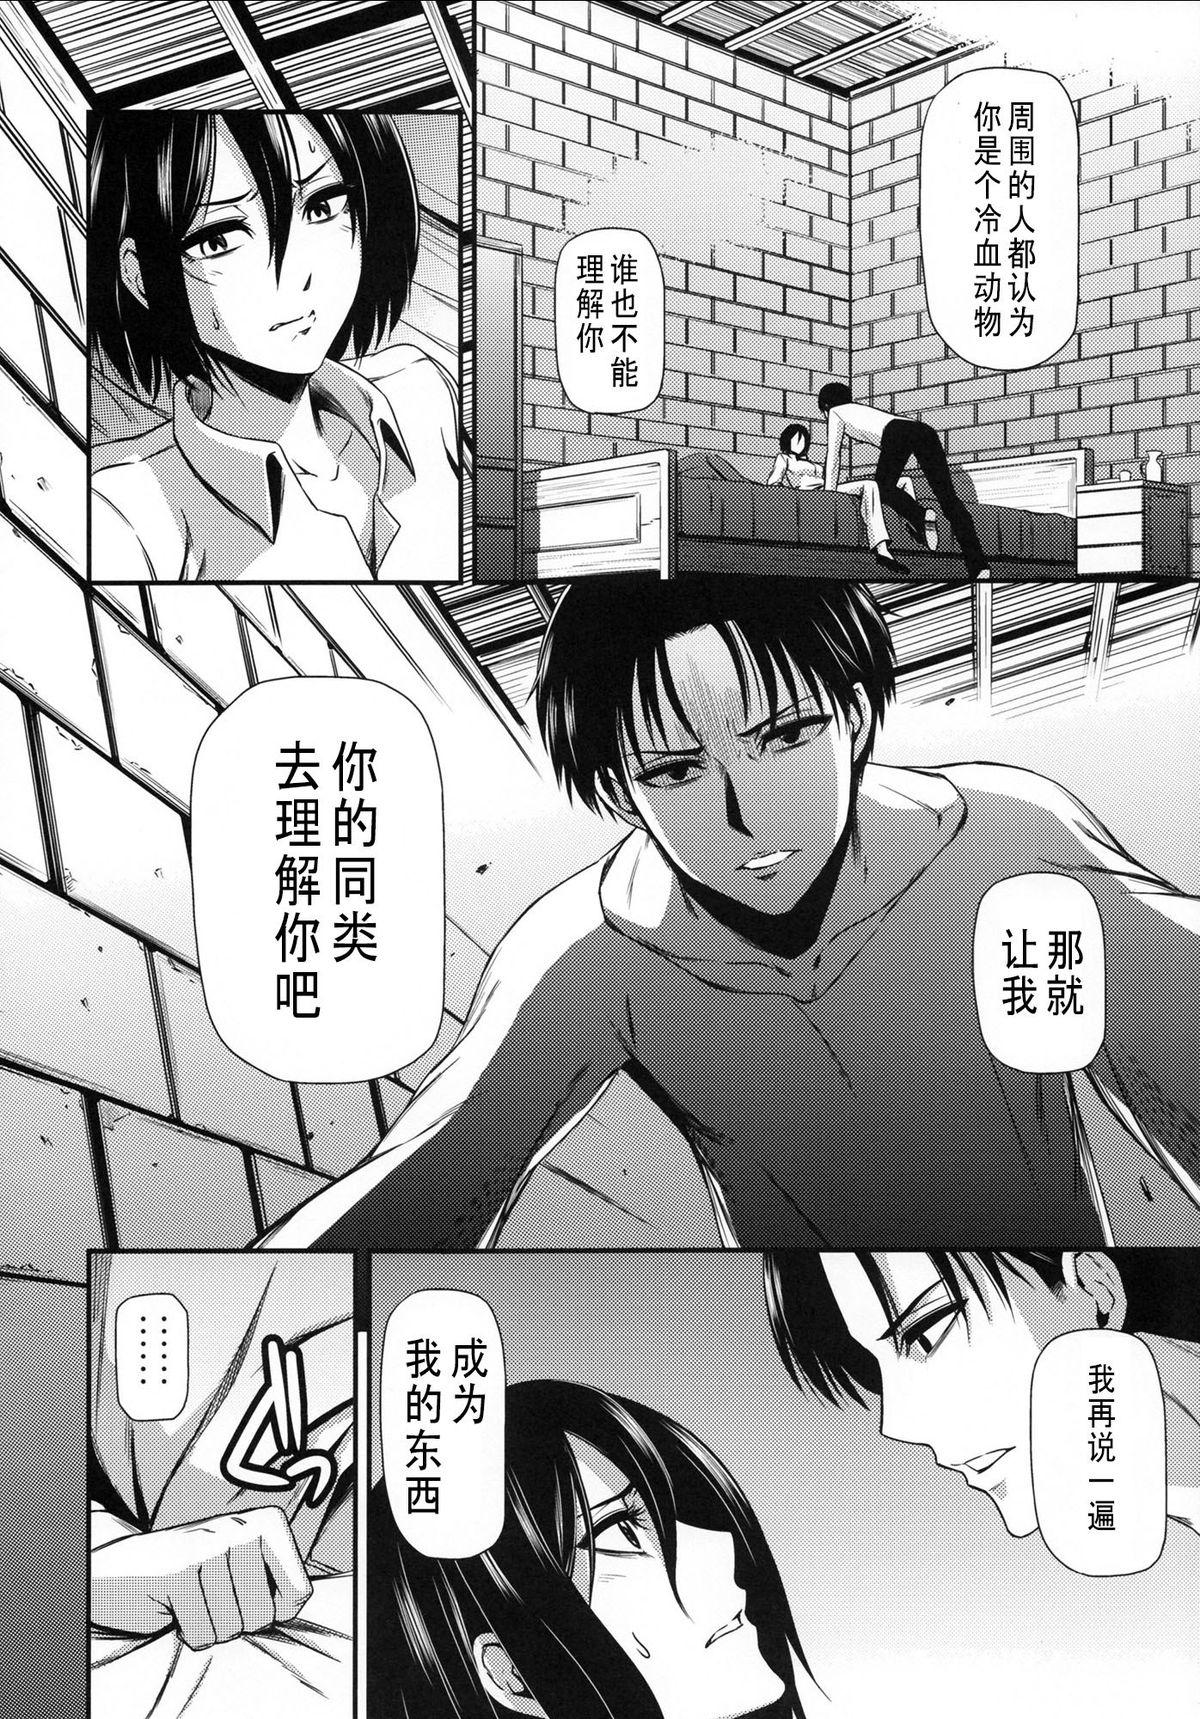 Gekishin San 11